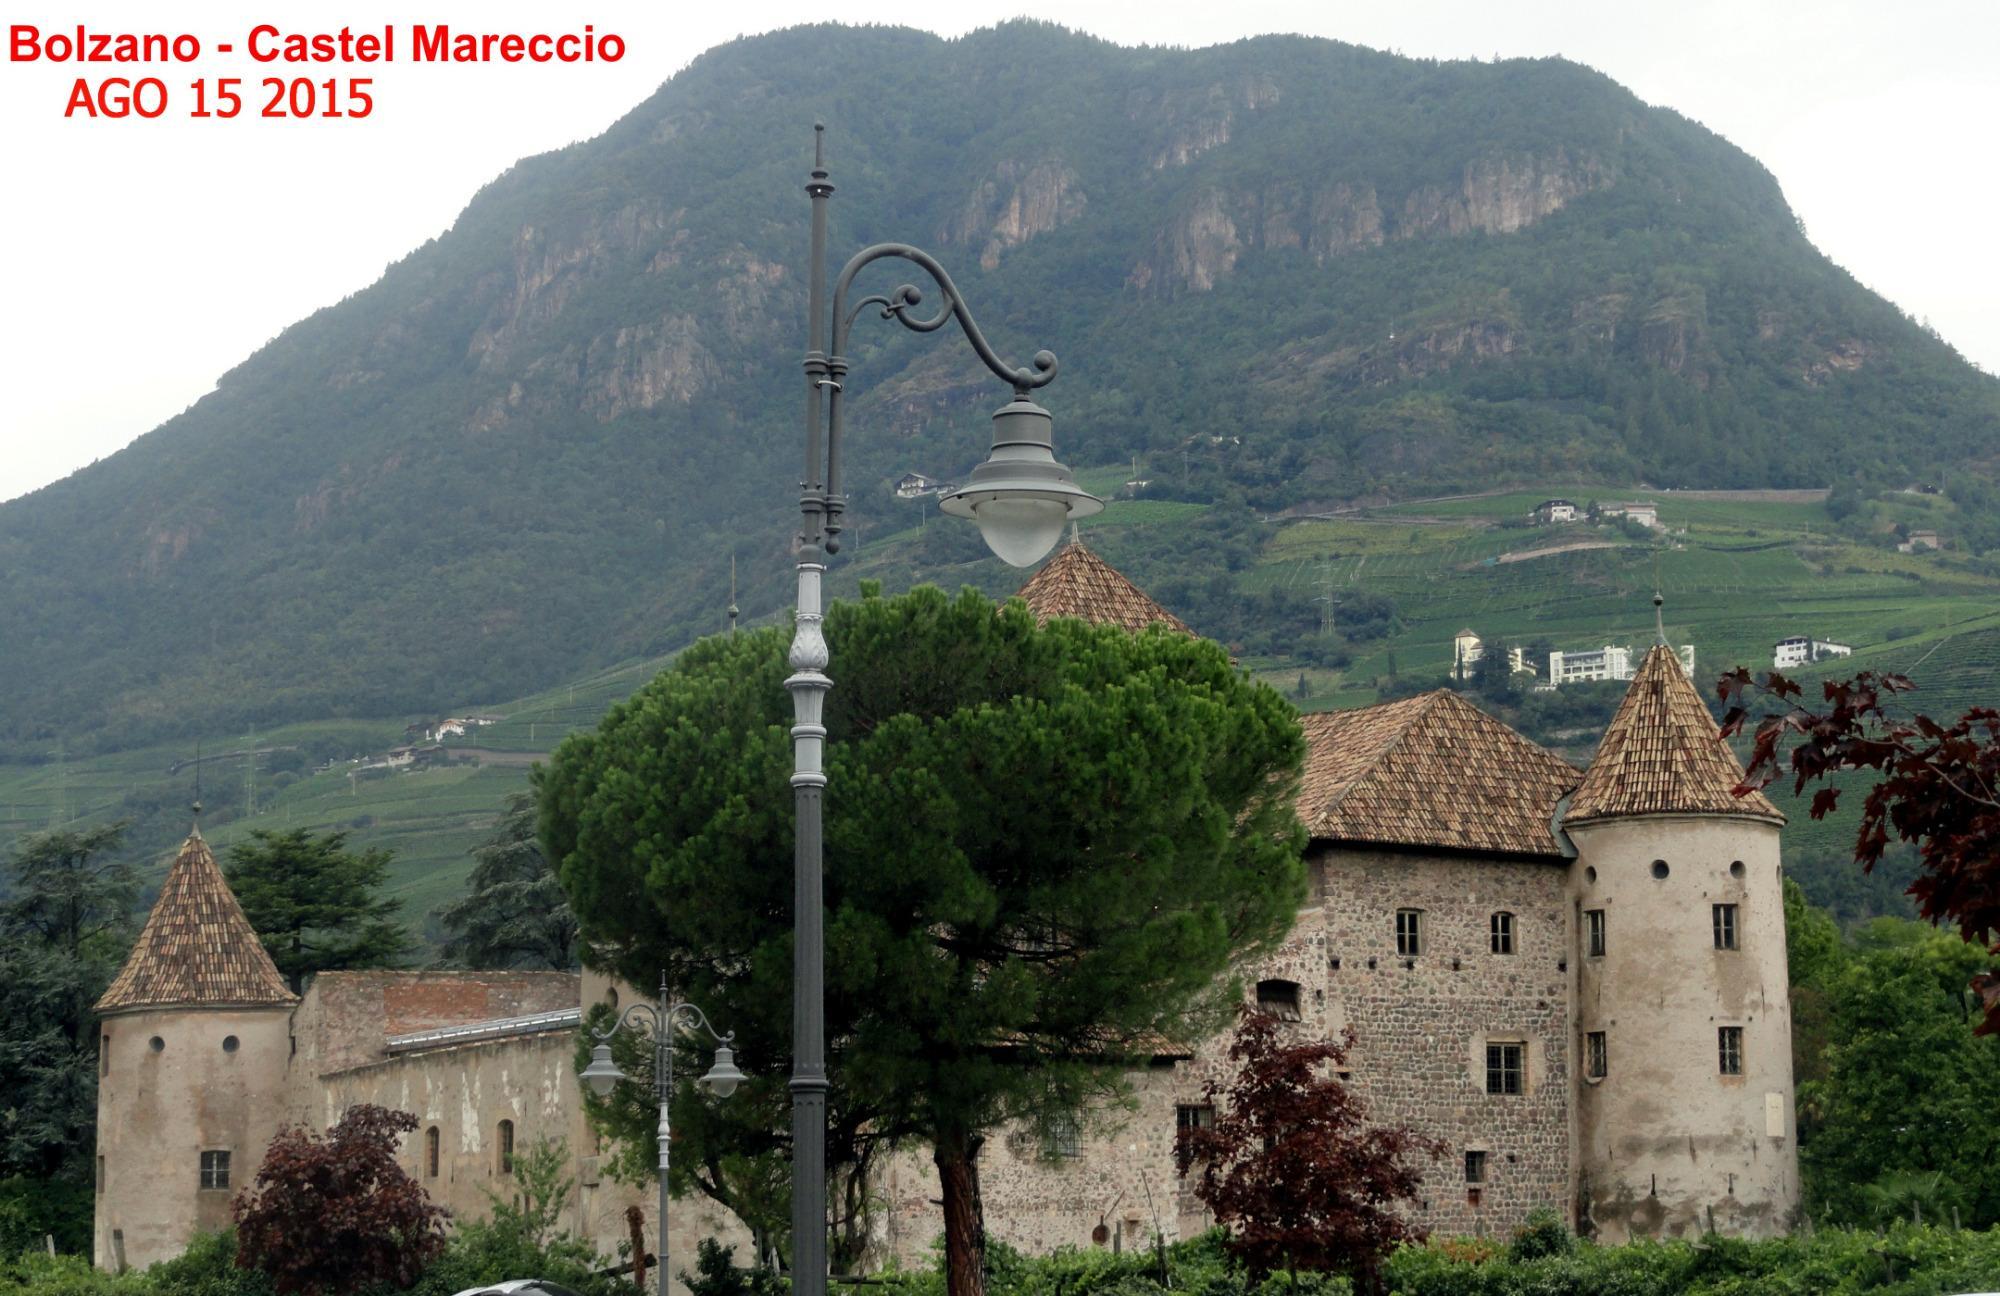 Castel Mareccio